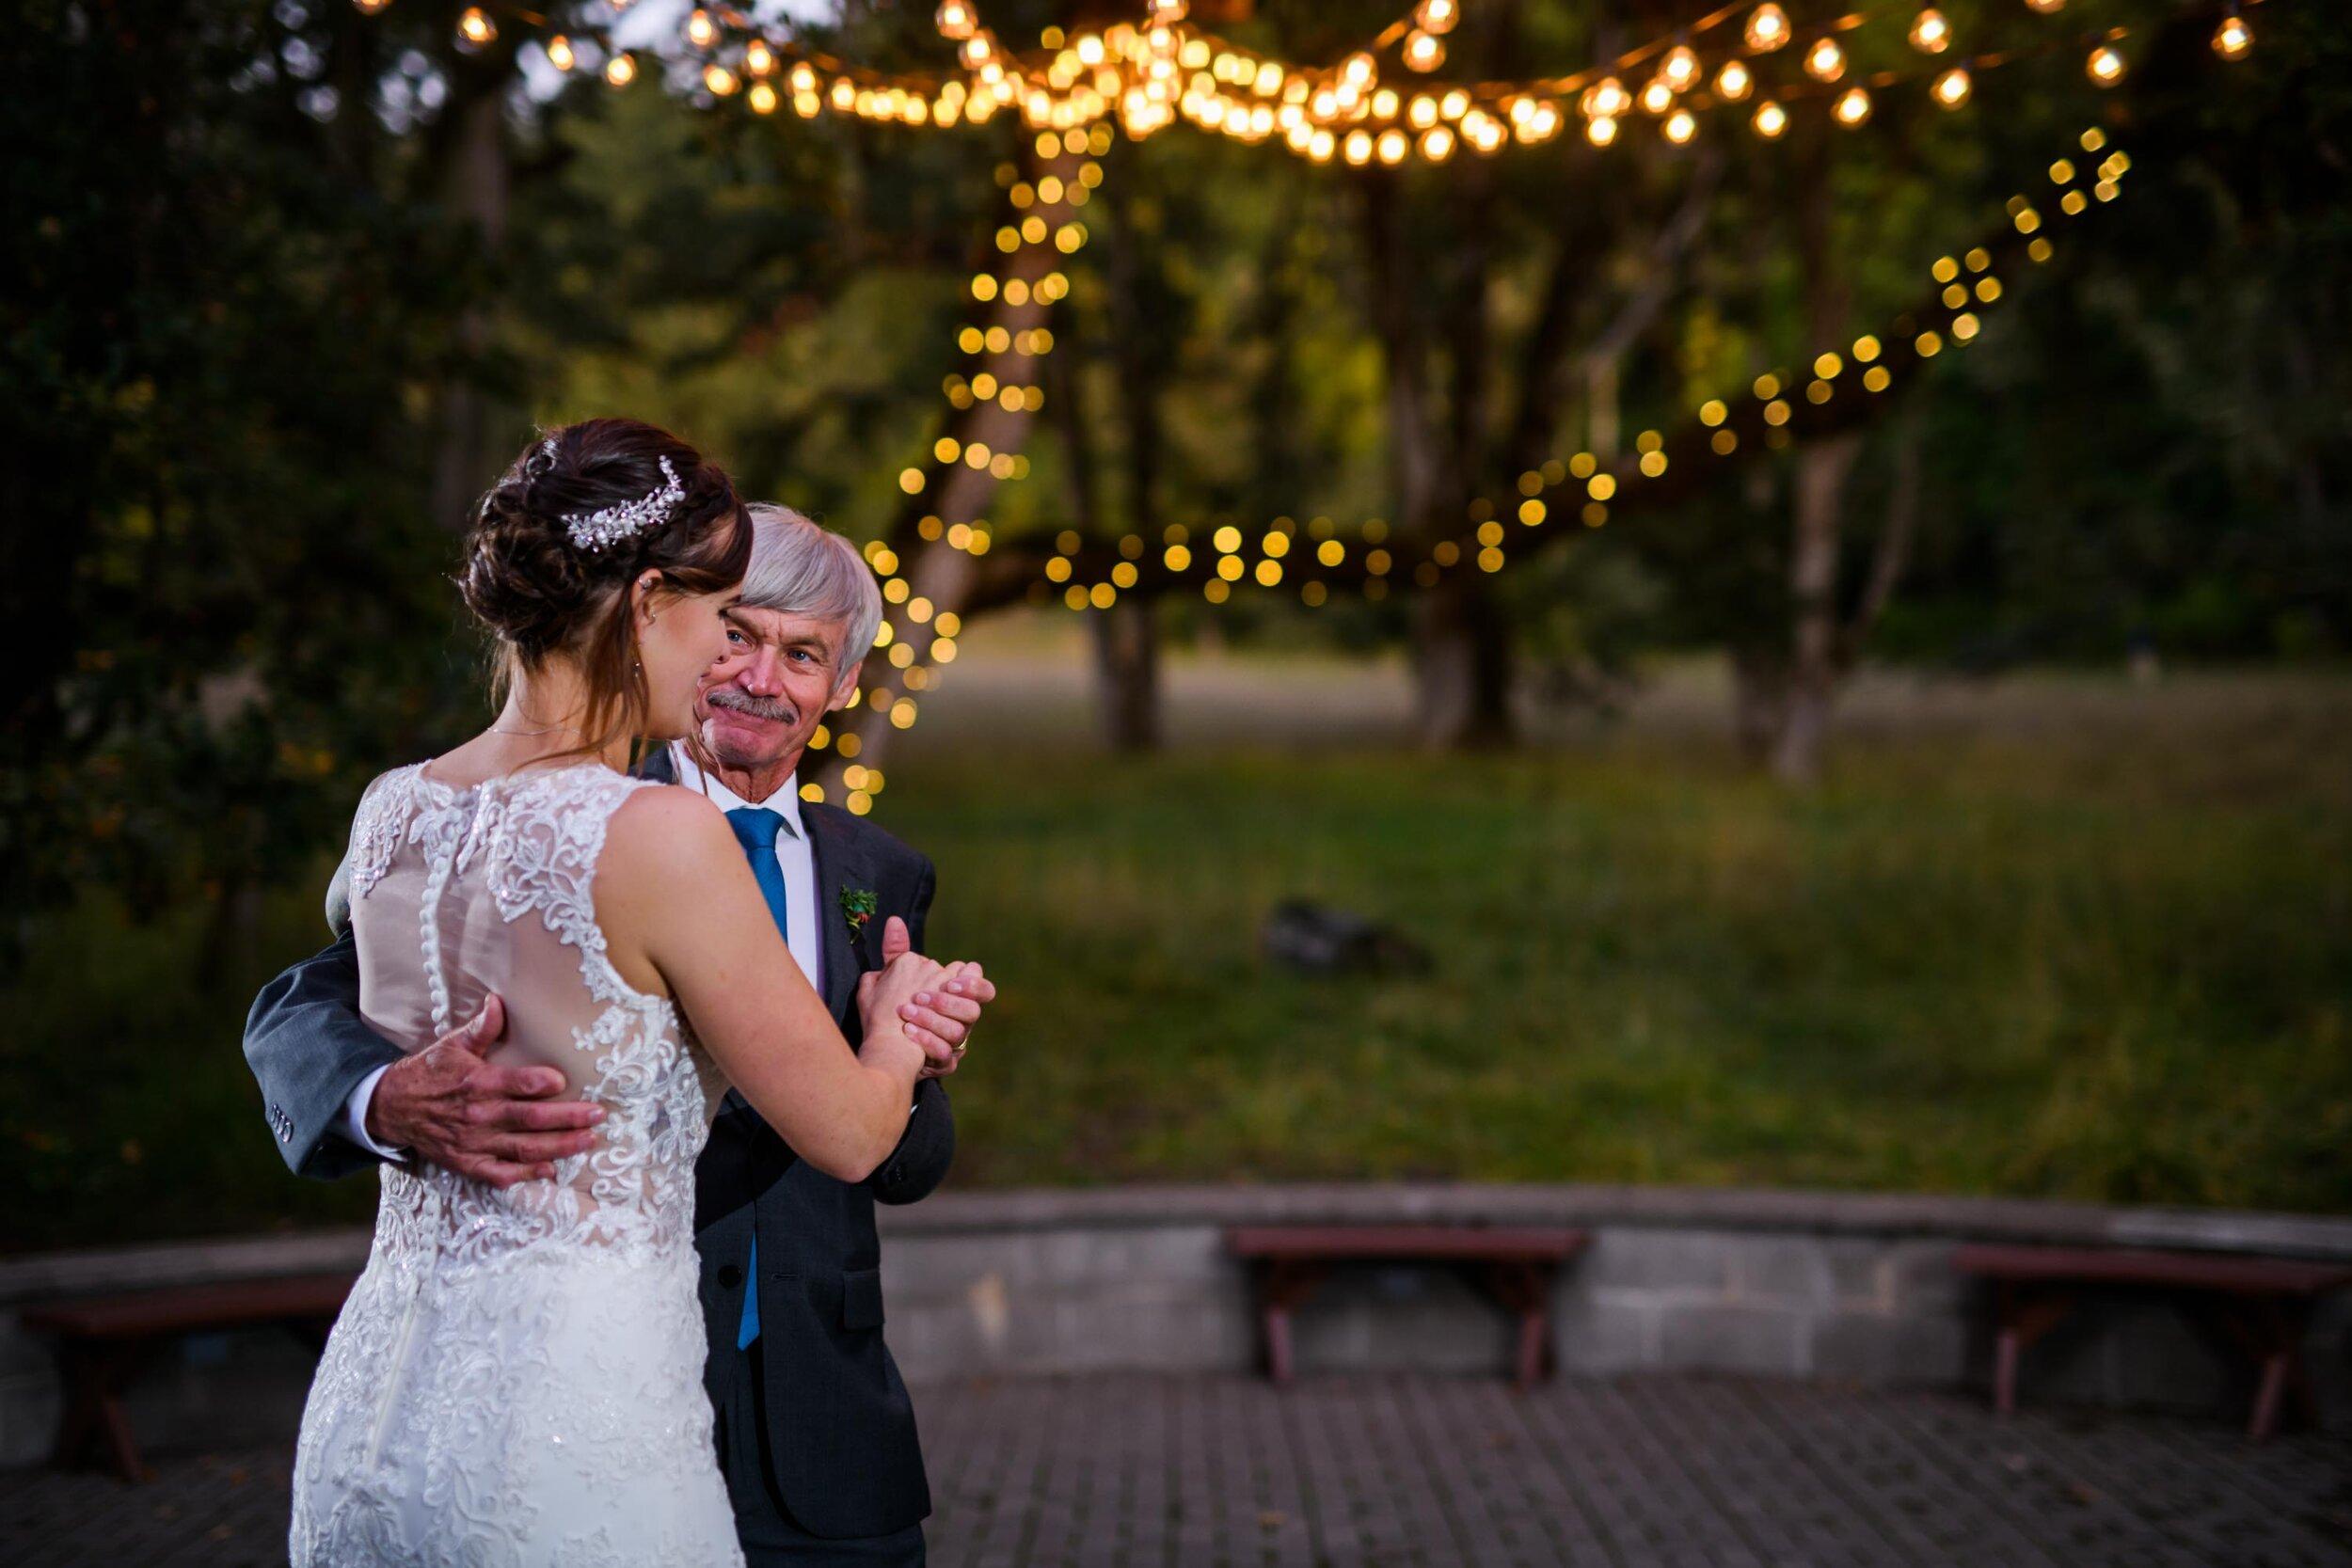 Mt. Pisgah Arboretum wedding photos 131.JPG